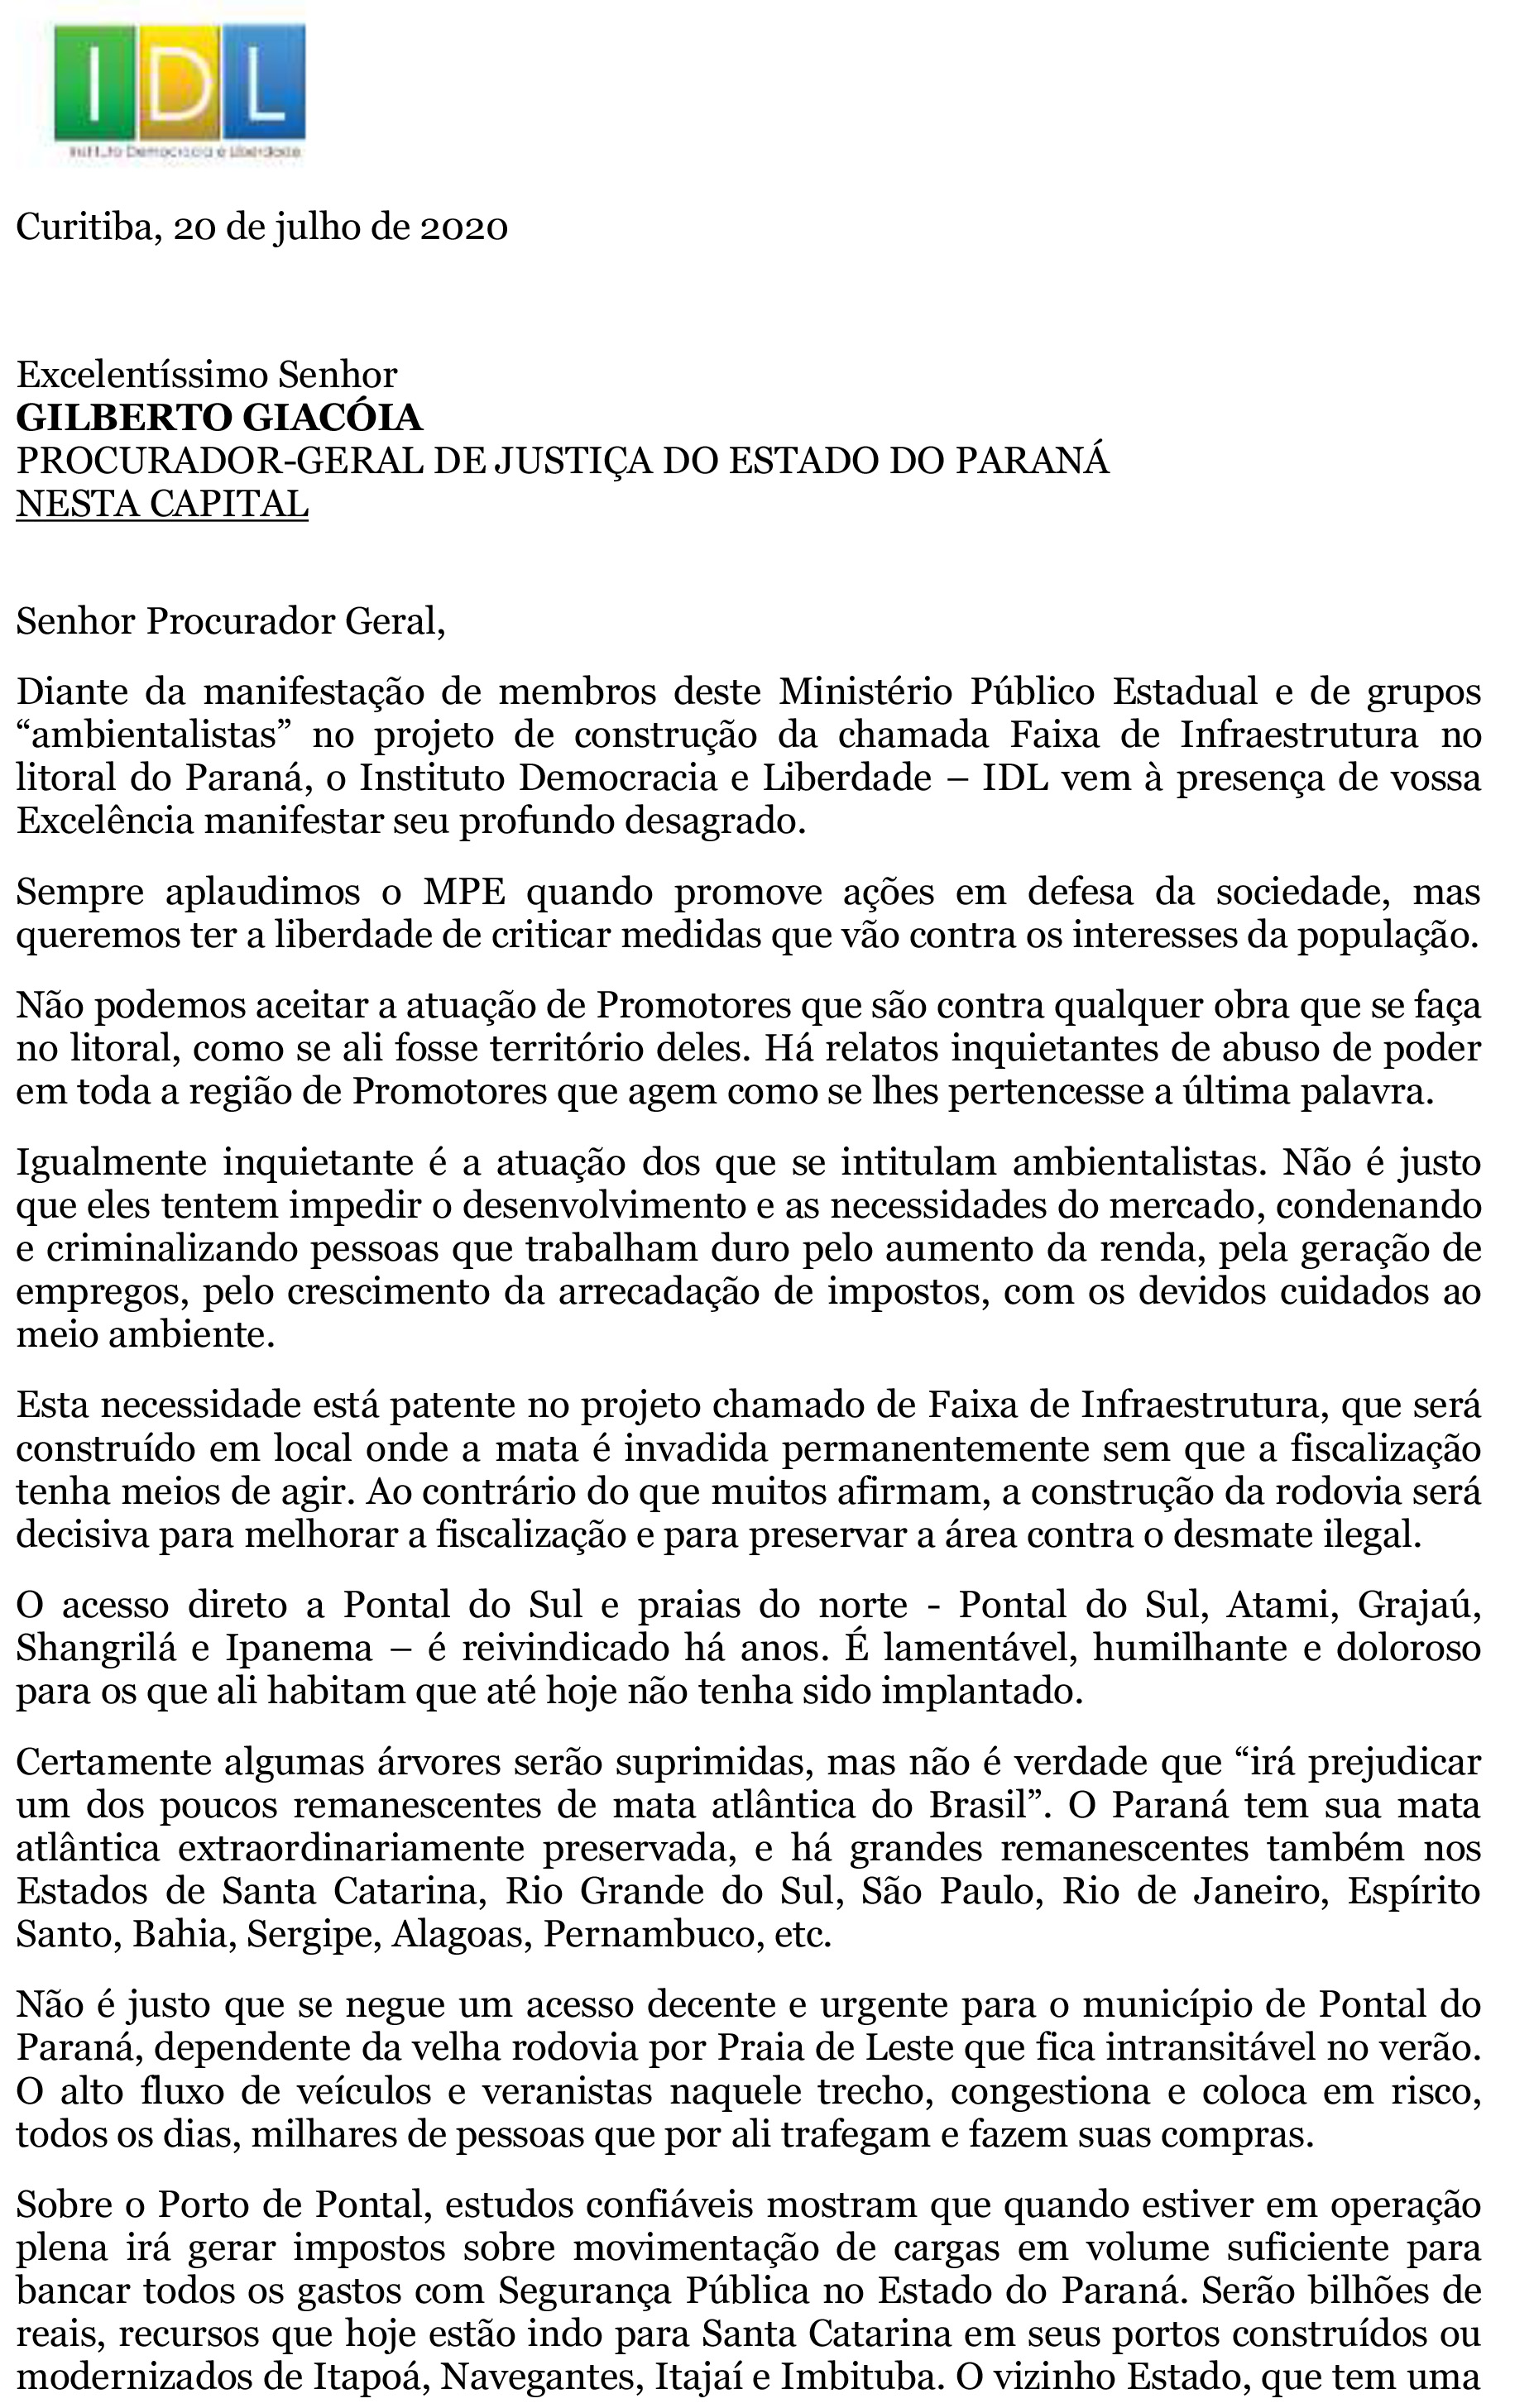 Carta defendendo o Porto de Pontal REVISADA III-1